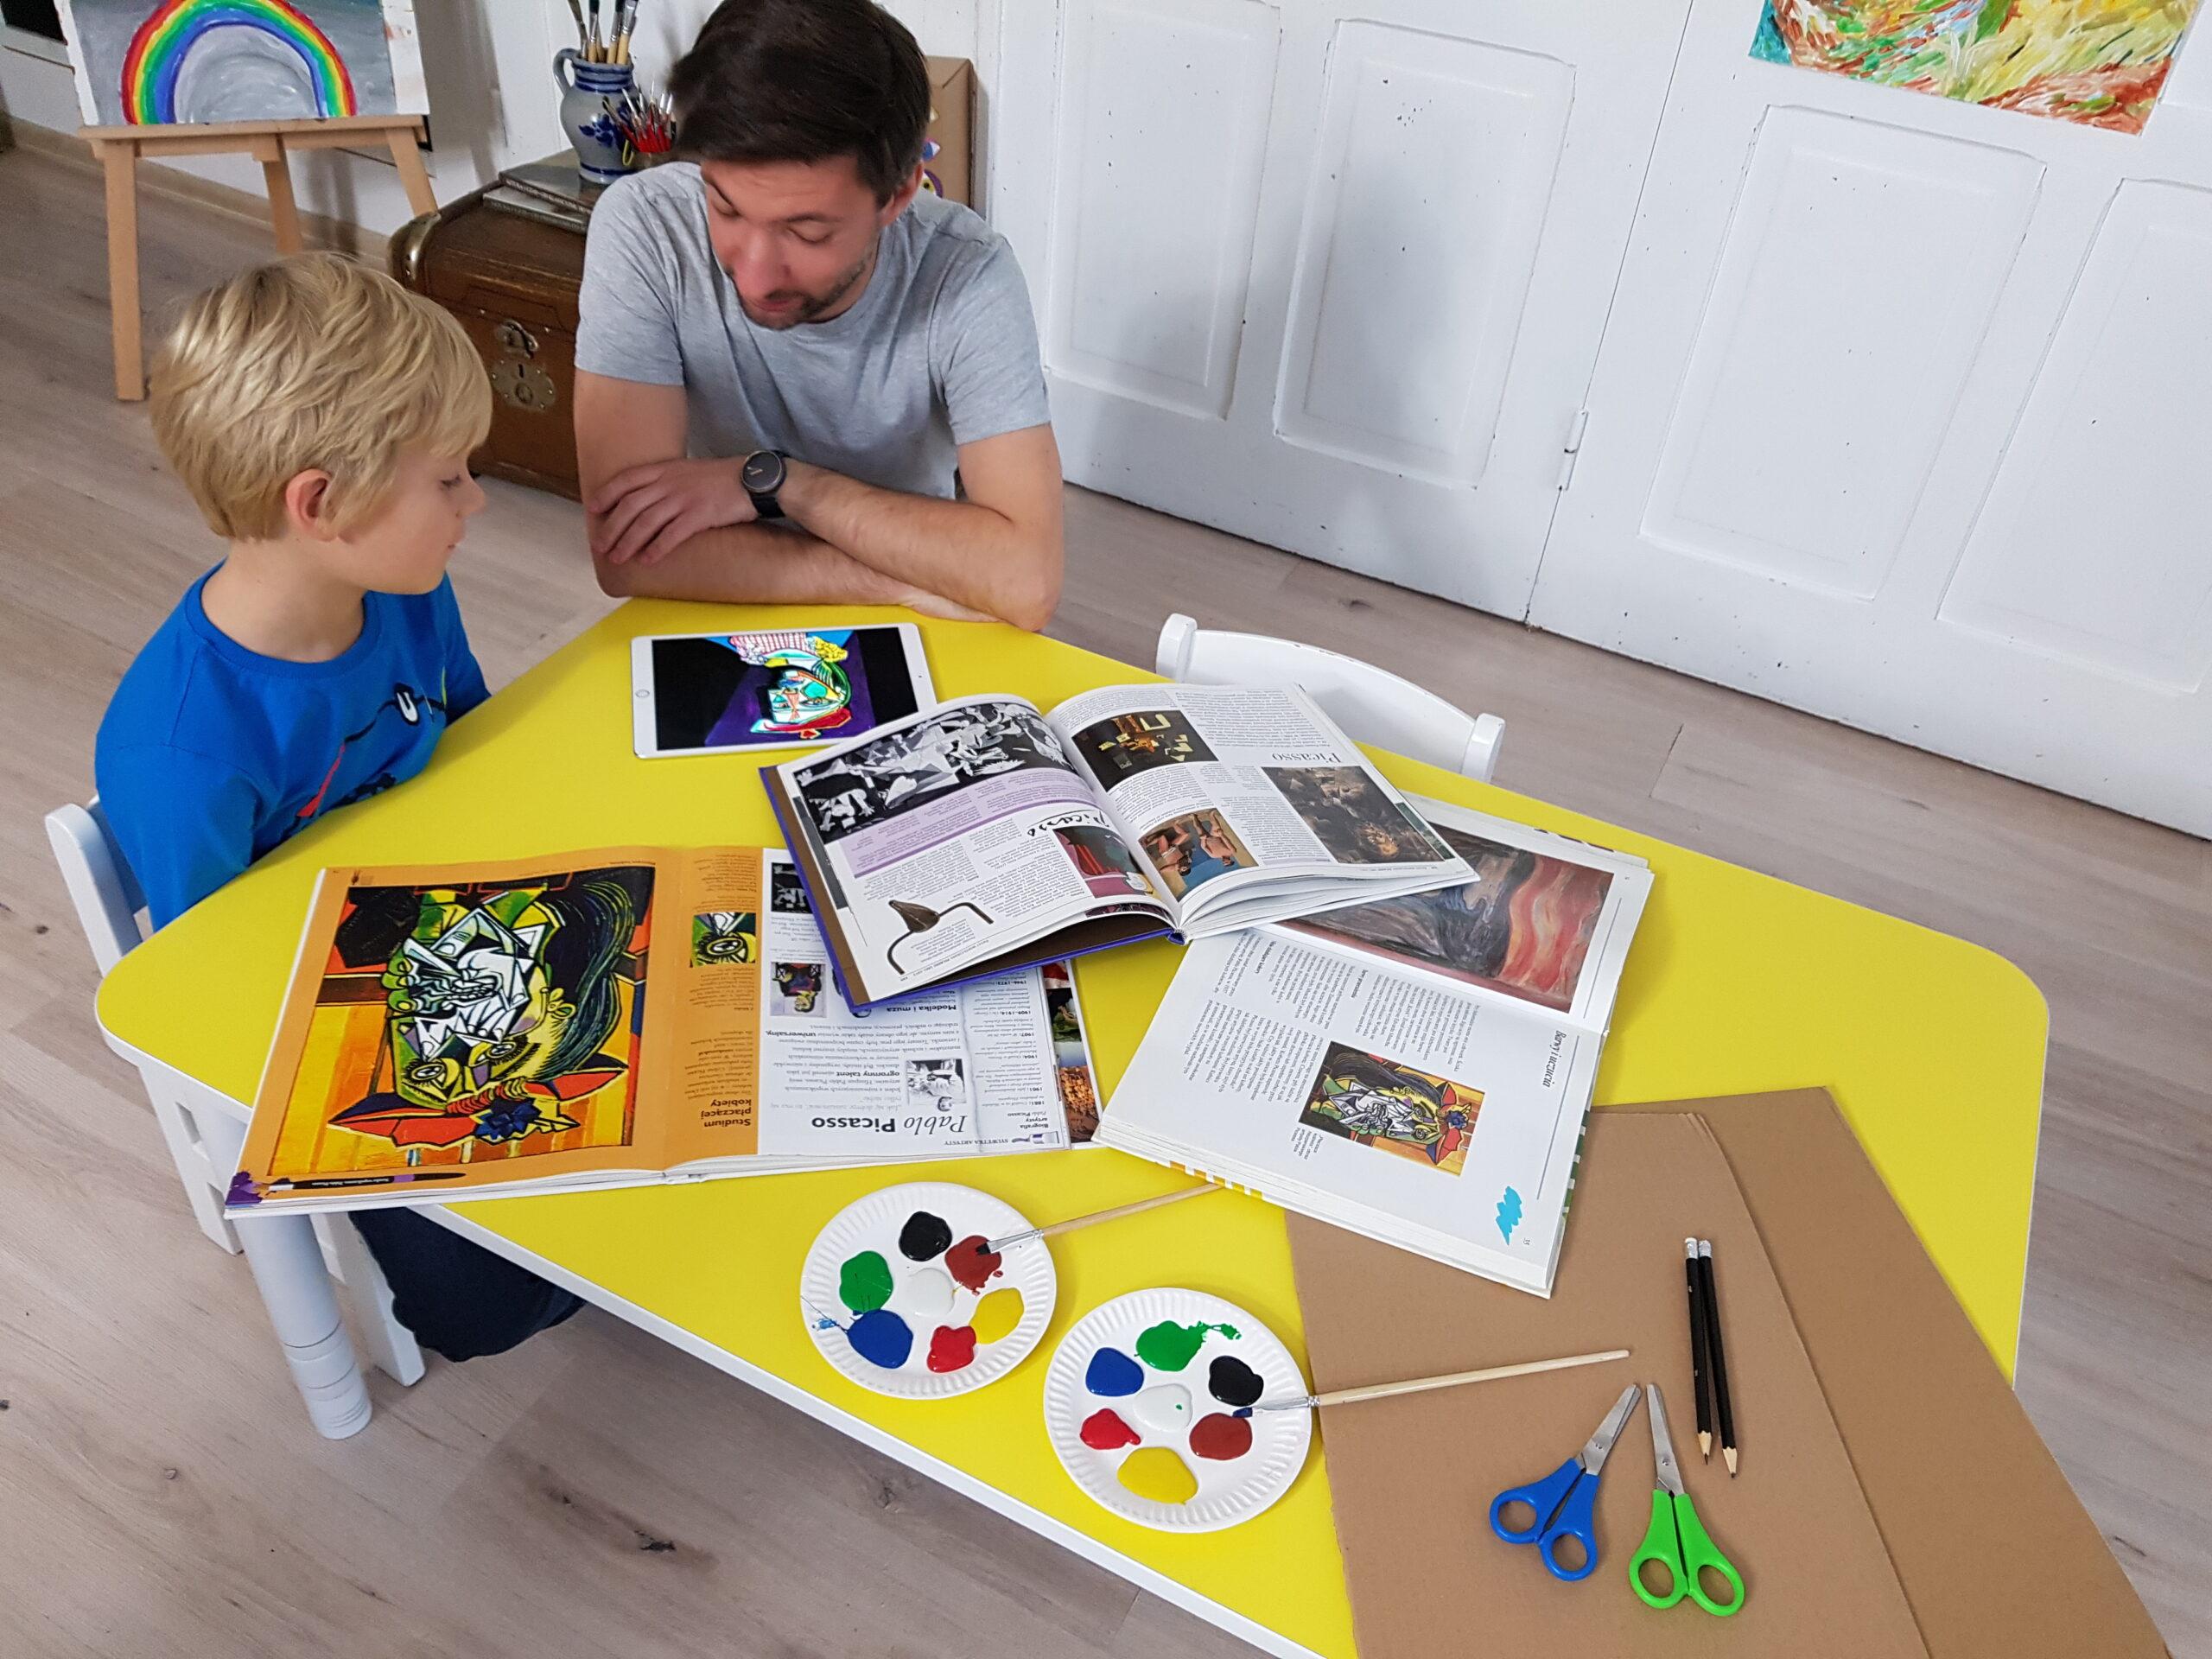 Pedagog wprowadza dziecko w świat sztuki Picassa.